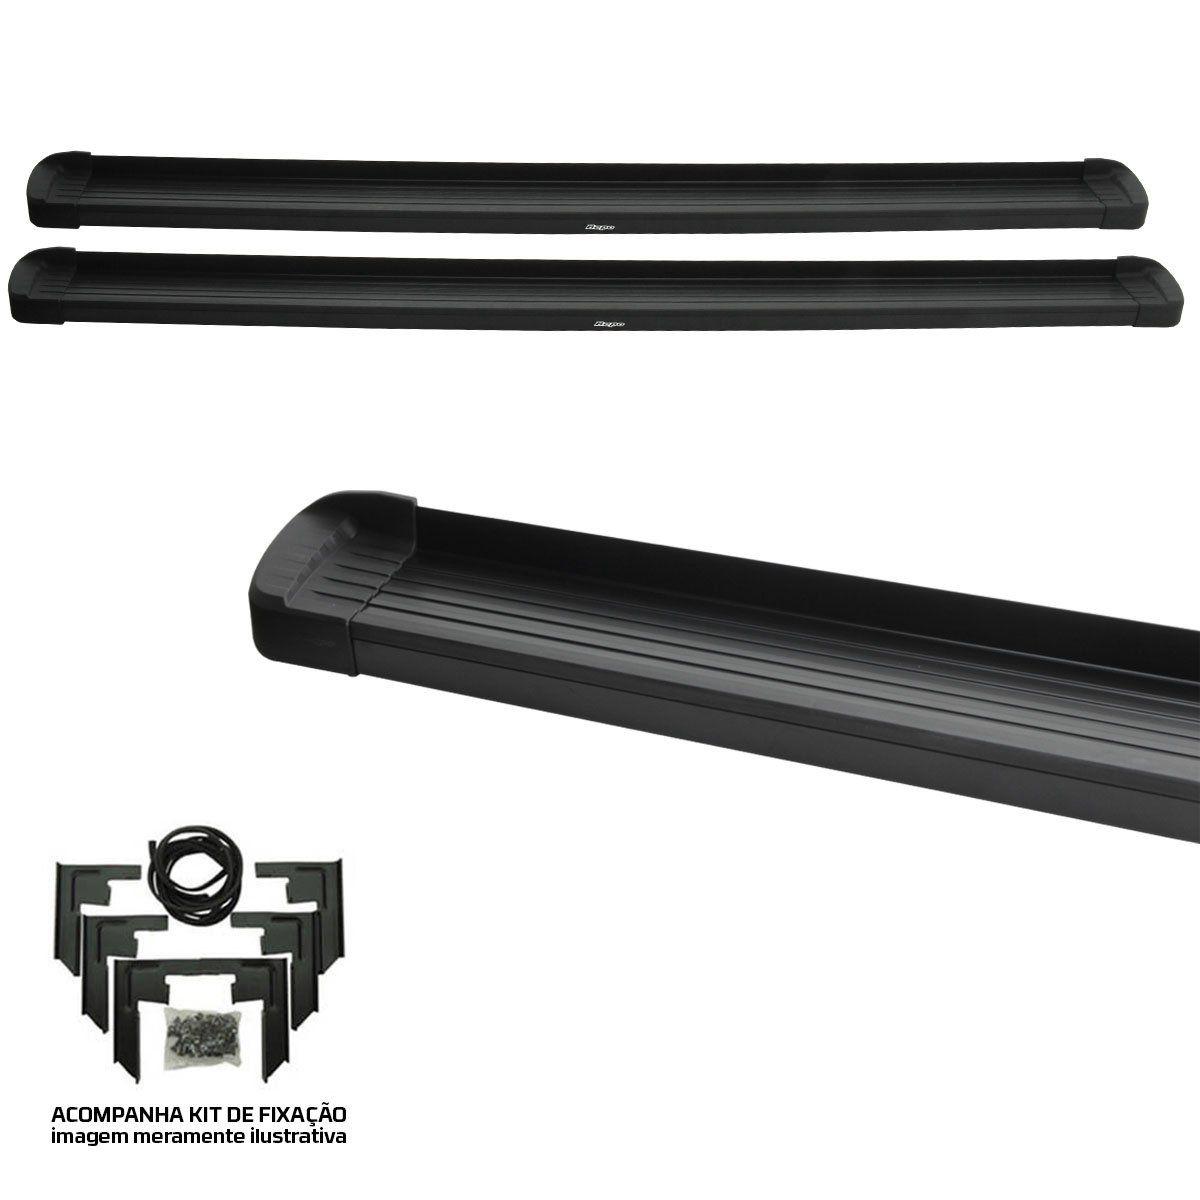 Estribo Bepo G3 alumínio preto L200 Triton 2008 a 2016